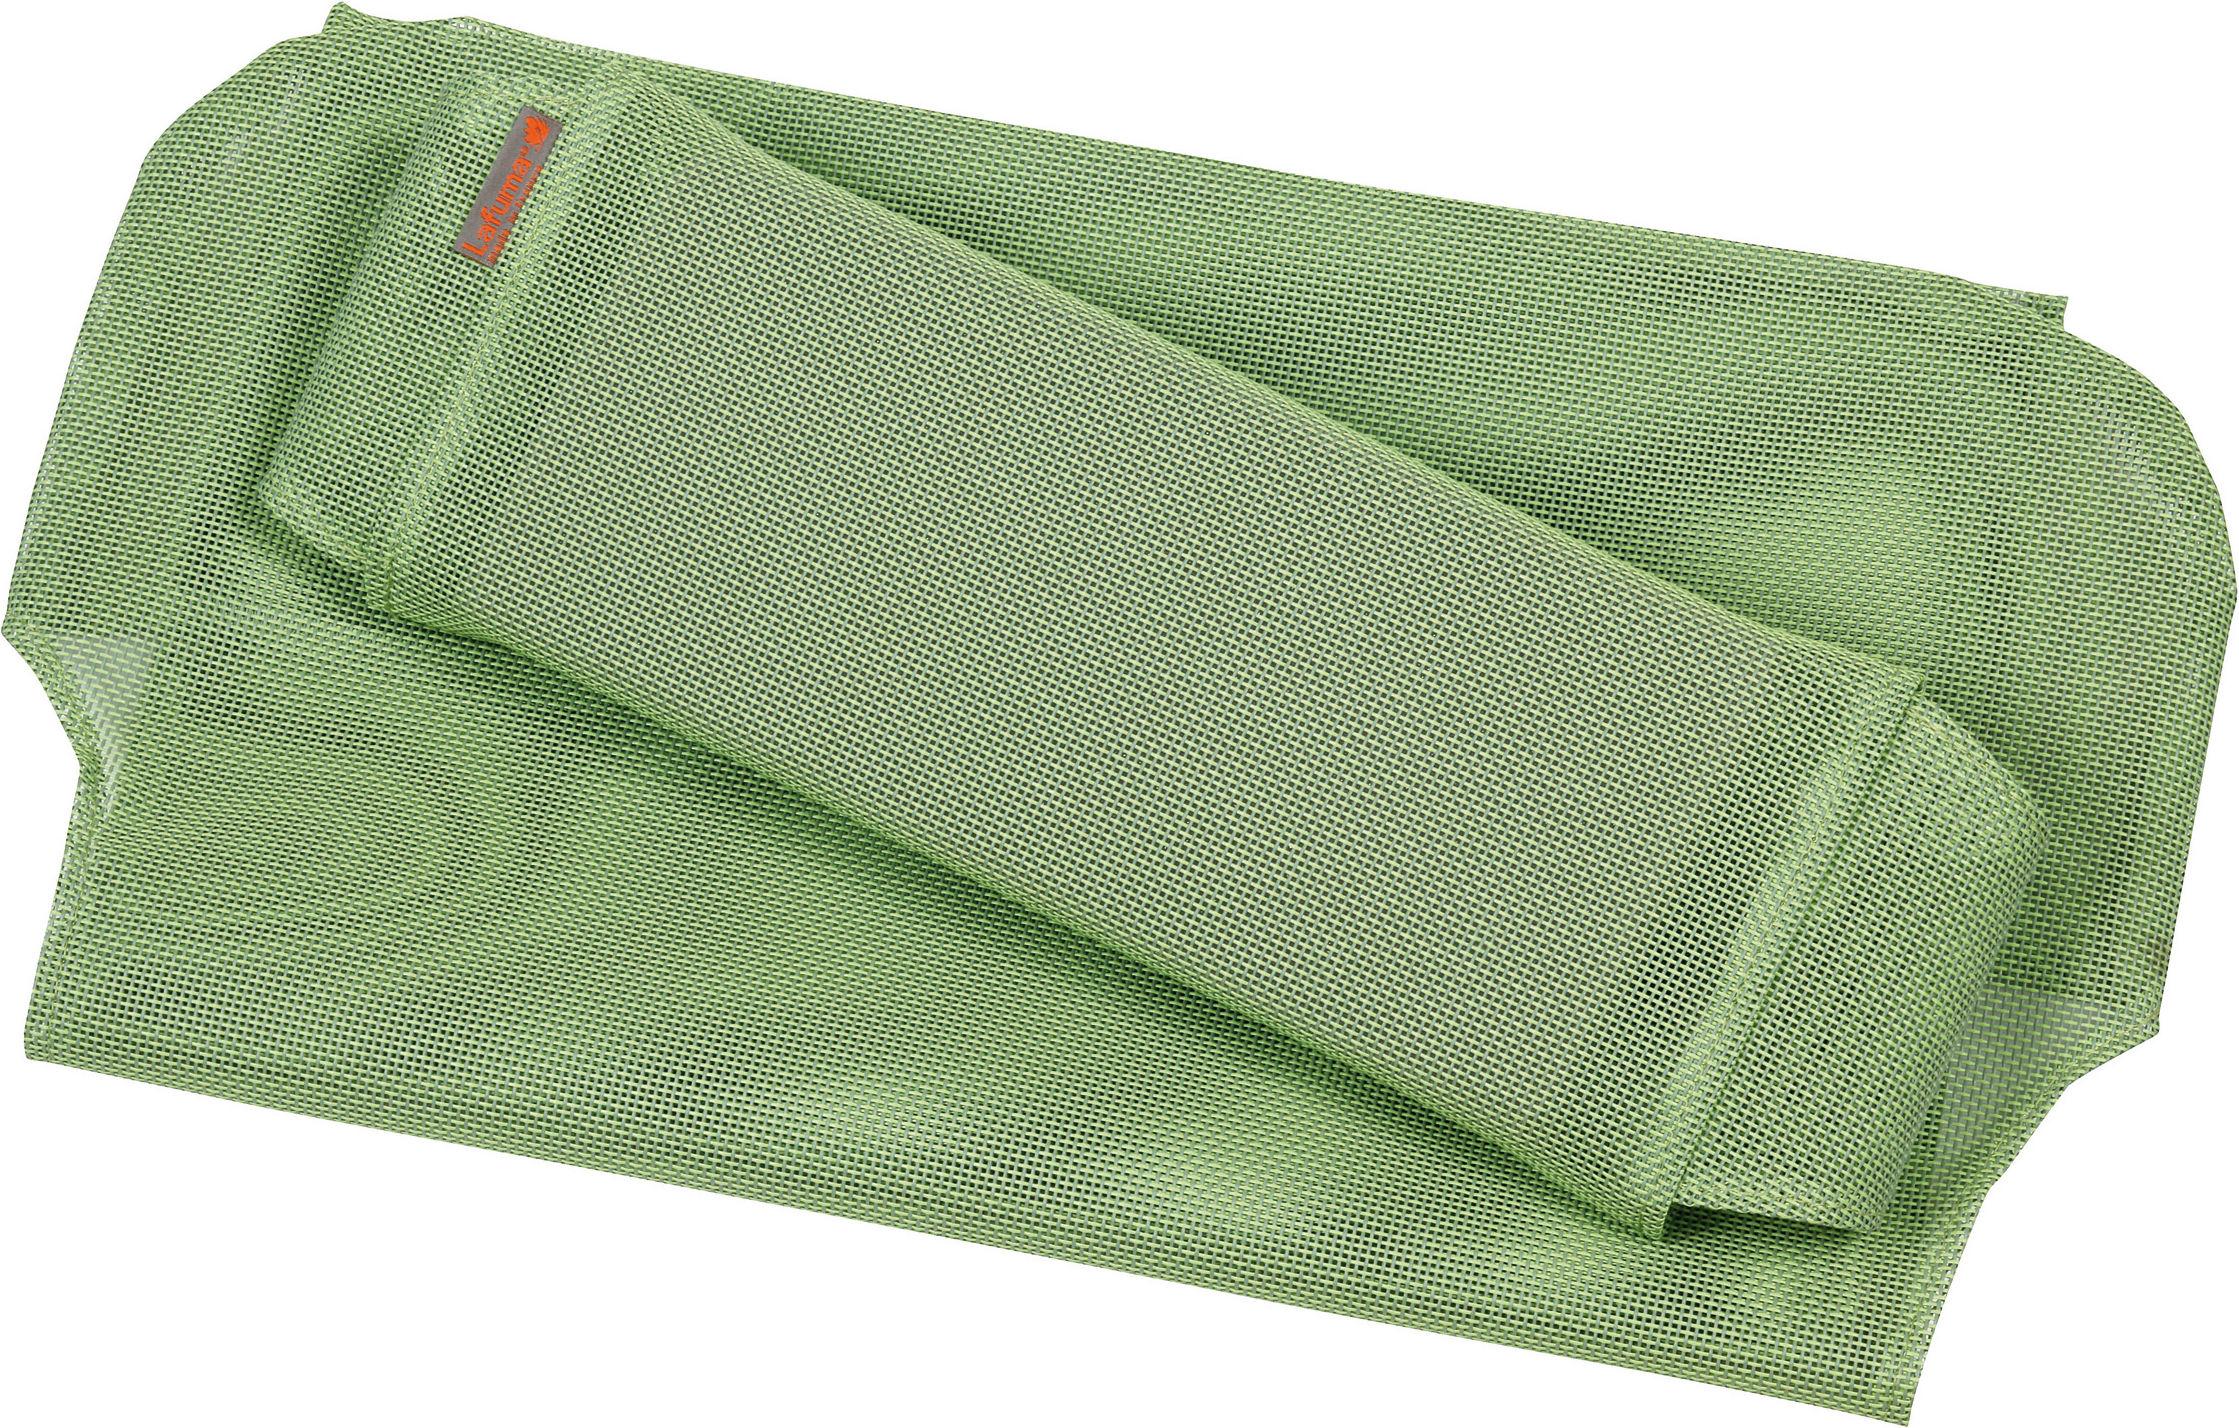 toile de rechange pour chaise longue transaluxe vert. Black Bedroom Furniture Sets. Home Design Ideas